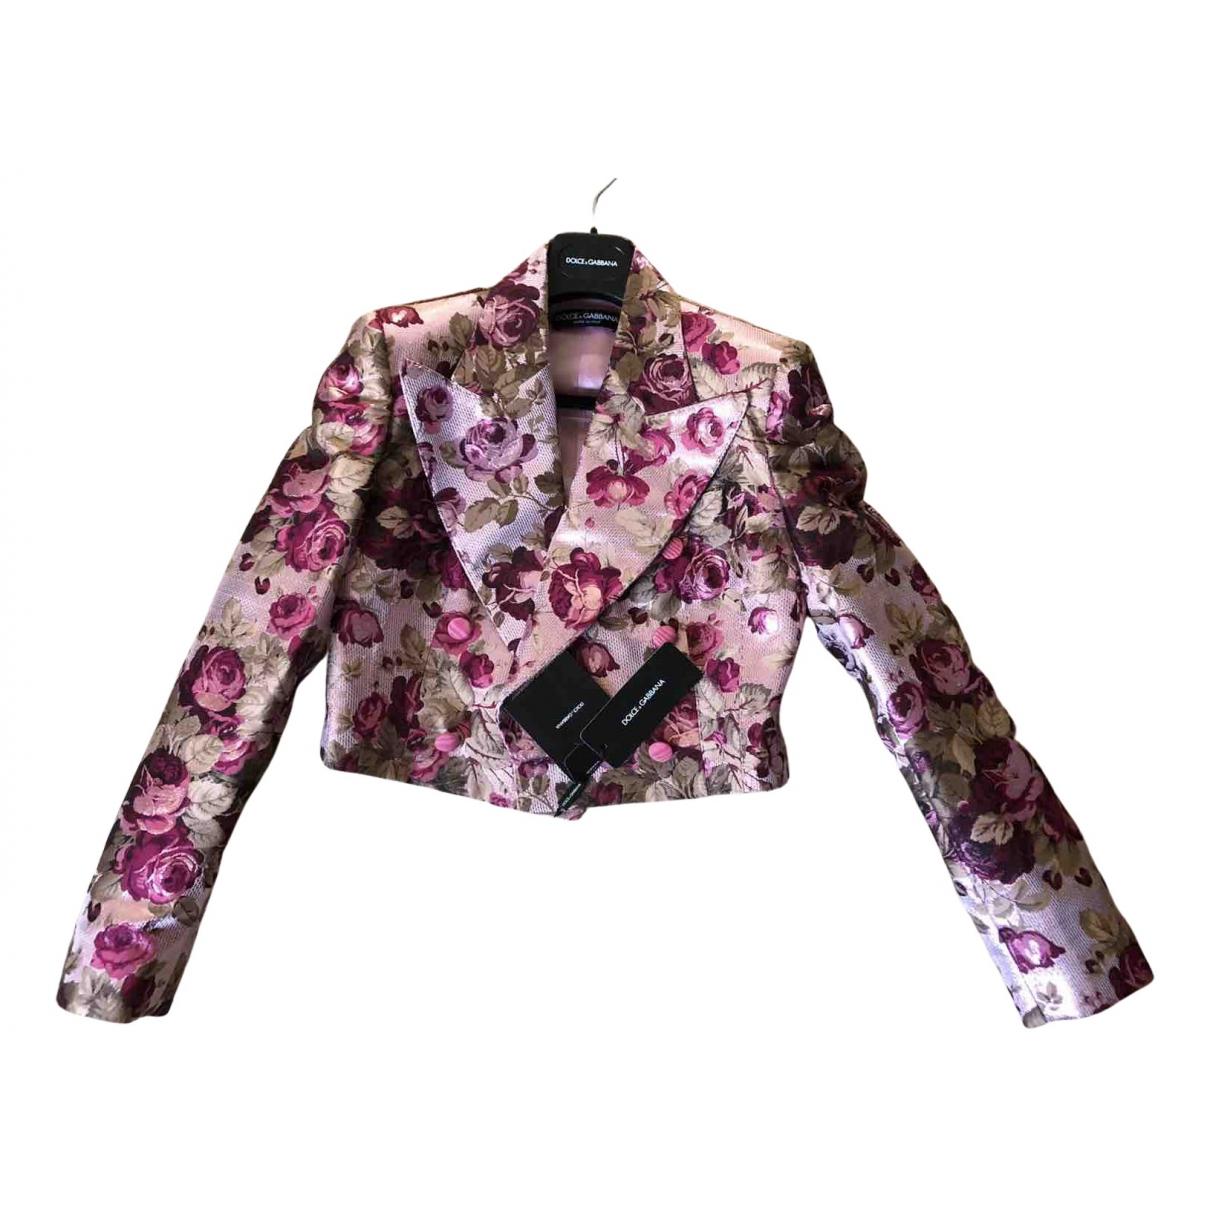 Dolce & Gabbana - Veste   pour femme - multicolore